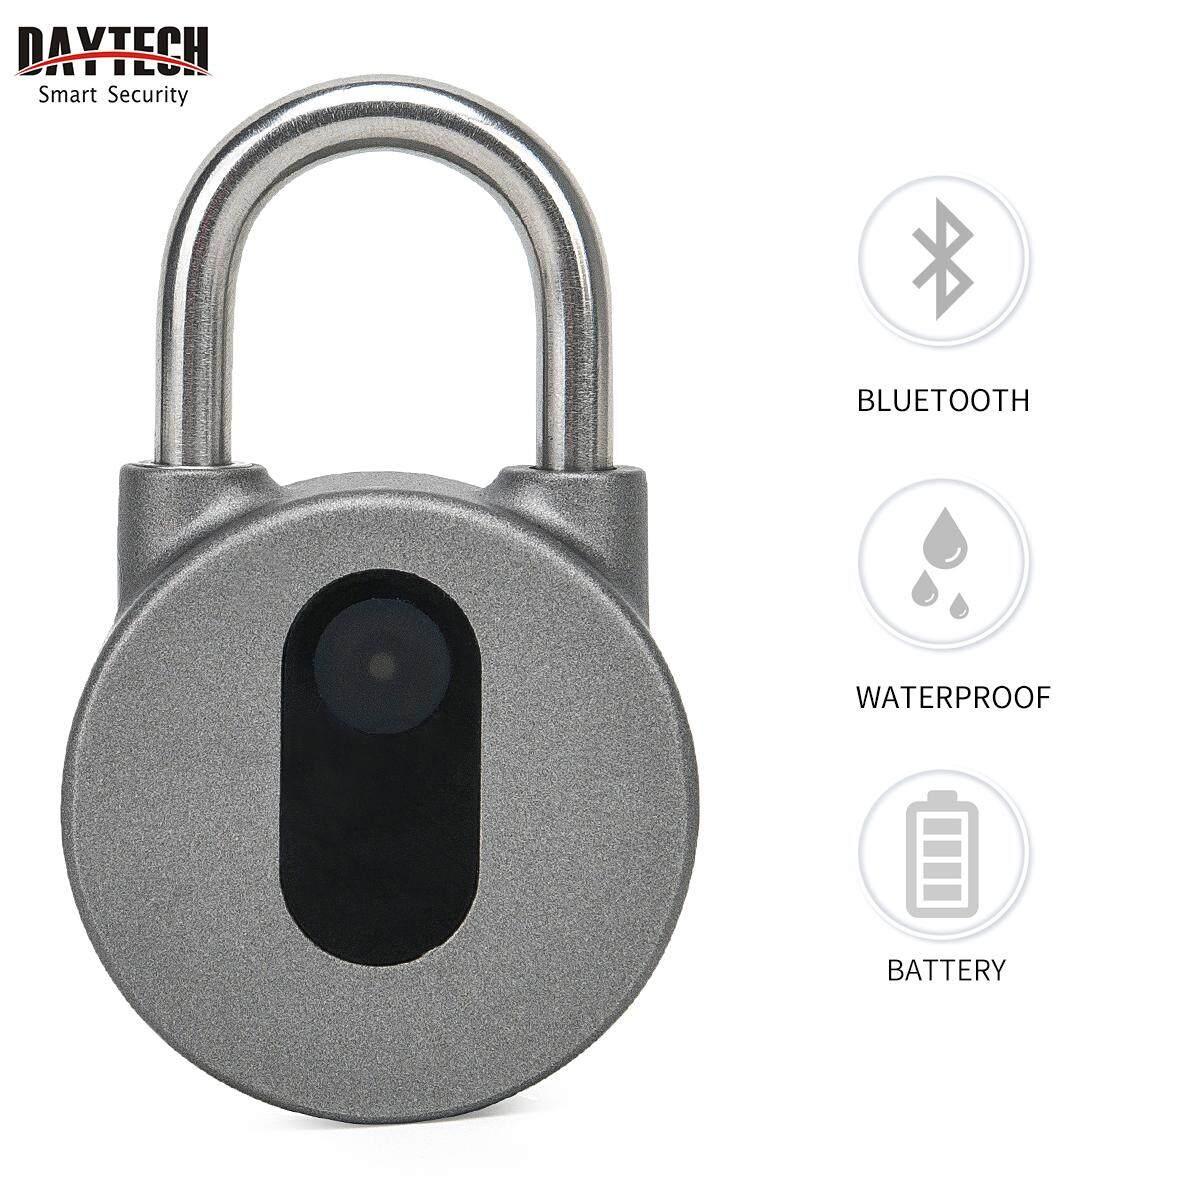 DAYTECH Thông Minh Khóa Cửa Chống Trộm Bluetooth Ứng Dụng Khóa Thông Minh Bluetooth Miễn Phí iOS/Android cho nhà/ phòng tập thể dục/trường học (L03)